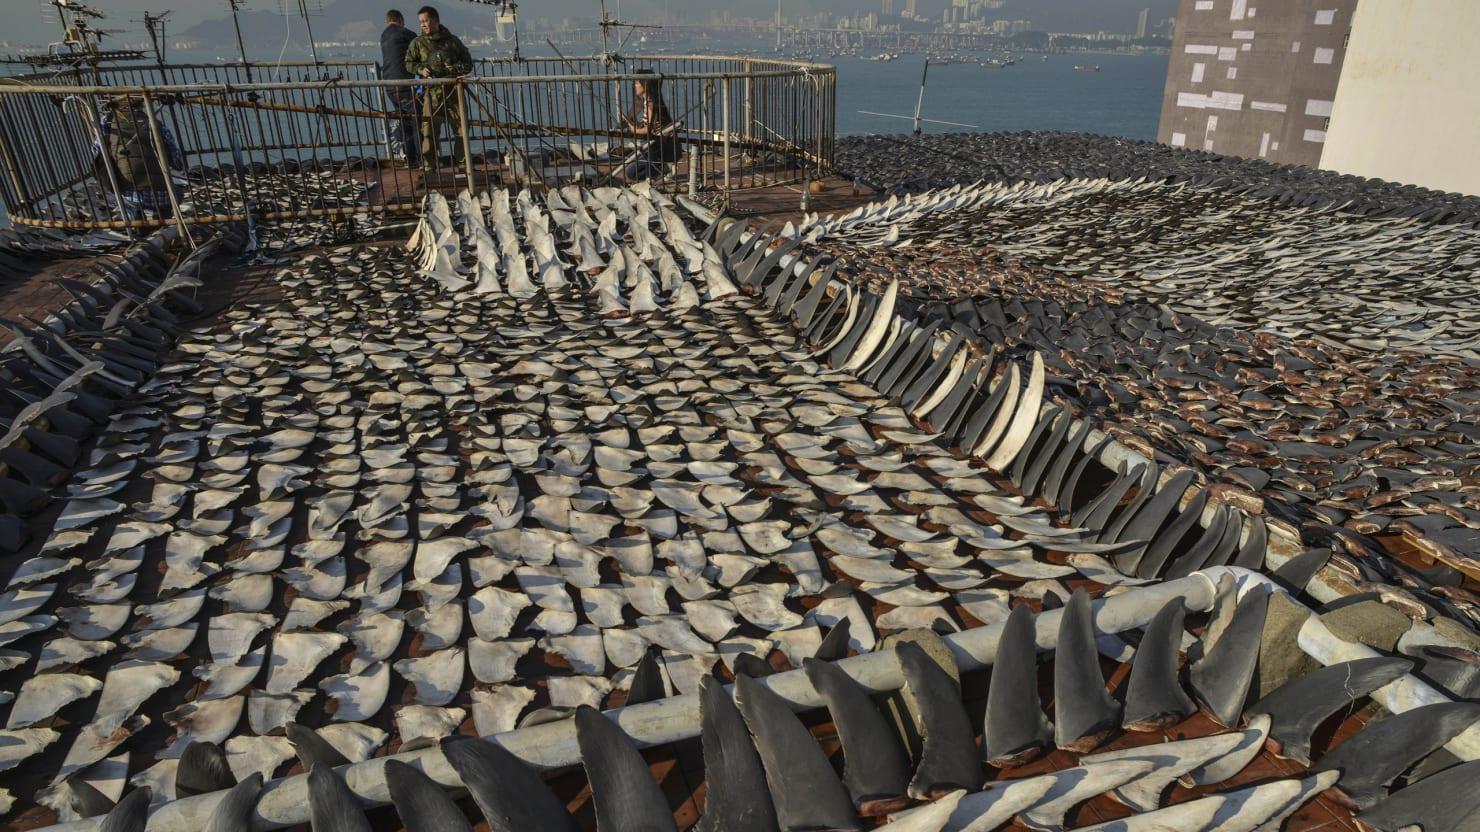 100 Million Sharks Killed Annually The Daily Beast